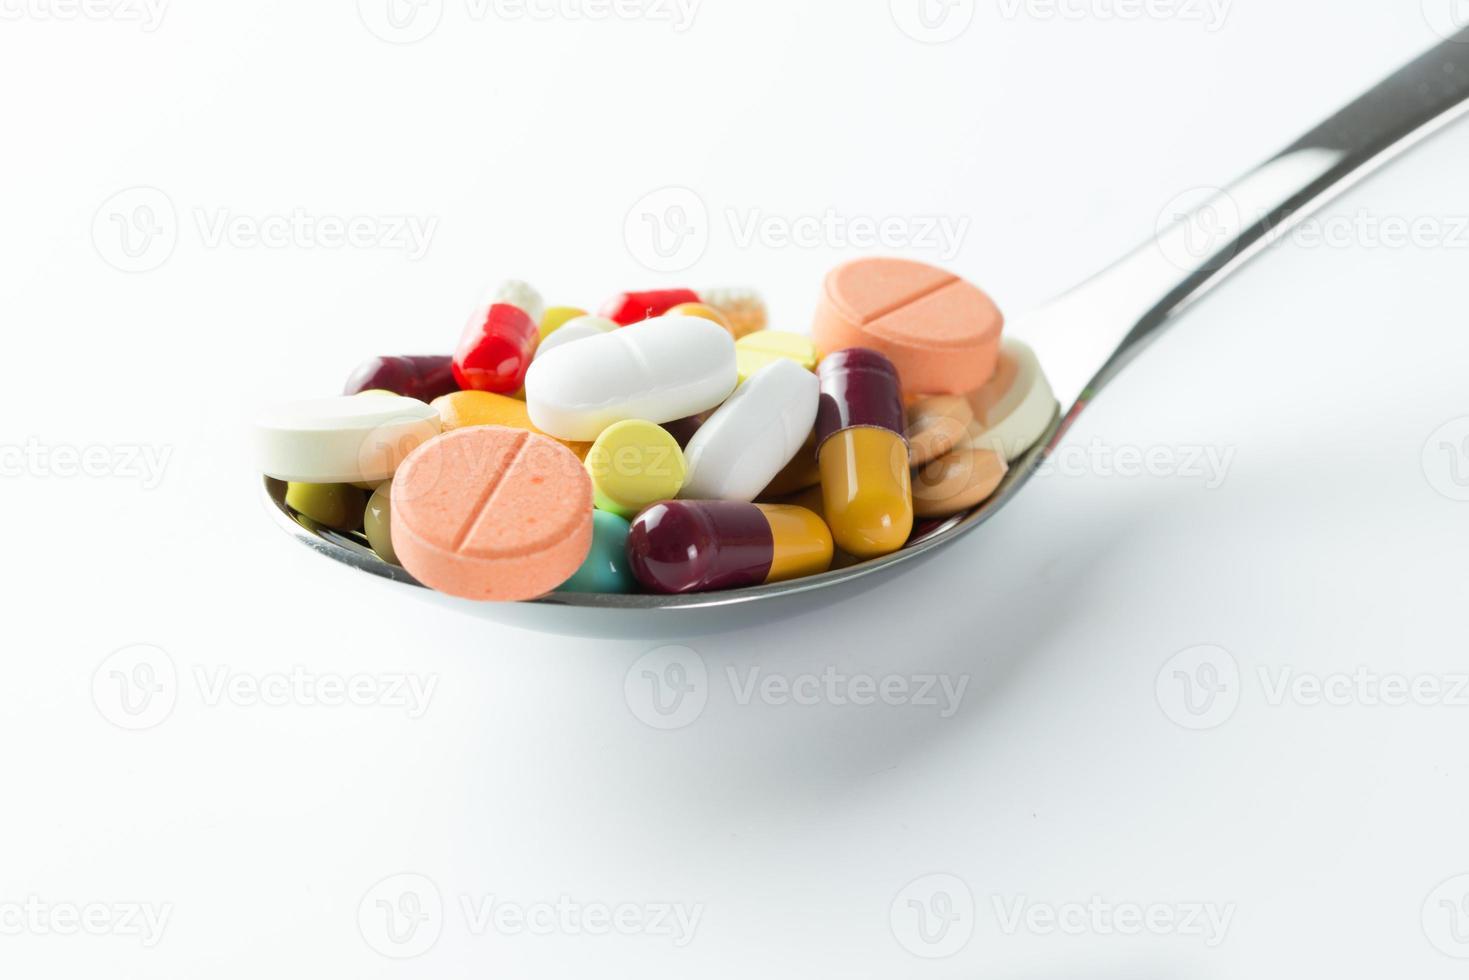 cucchiaio pieno di pillole di medicina foto